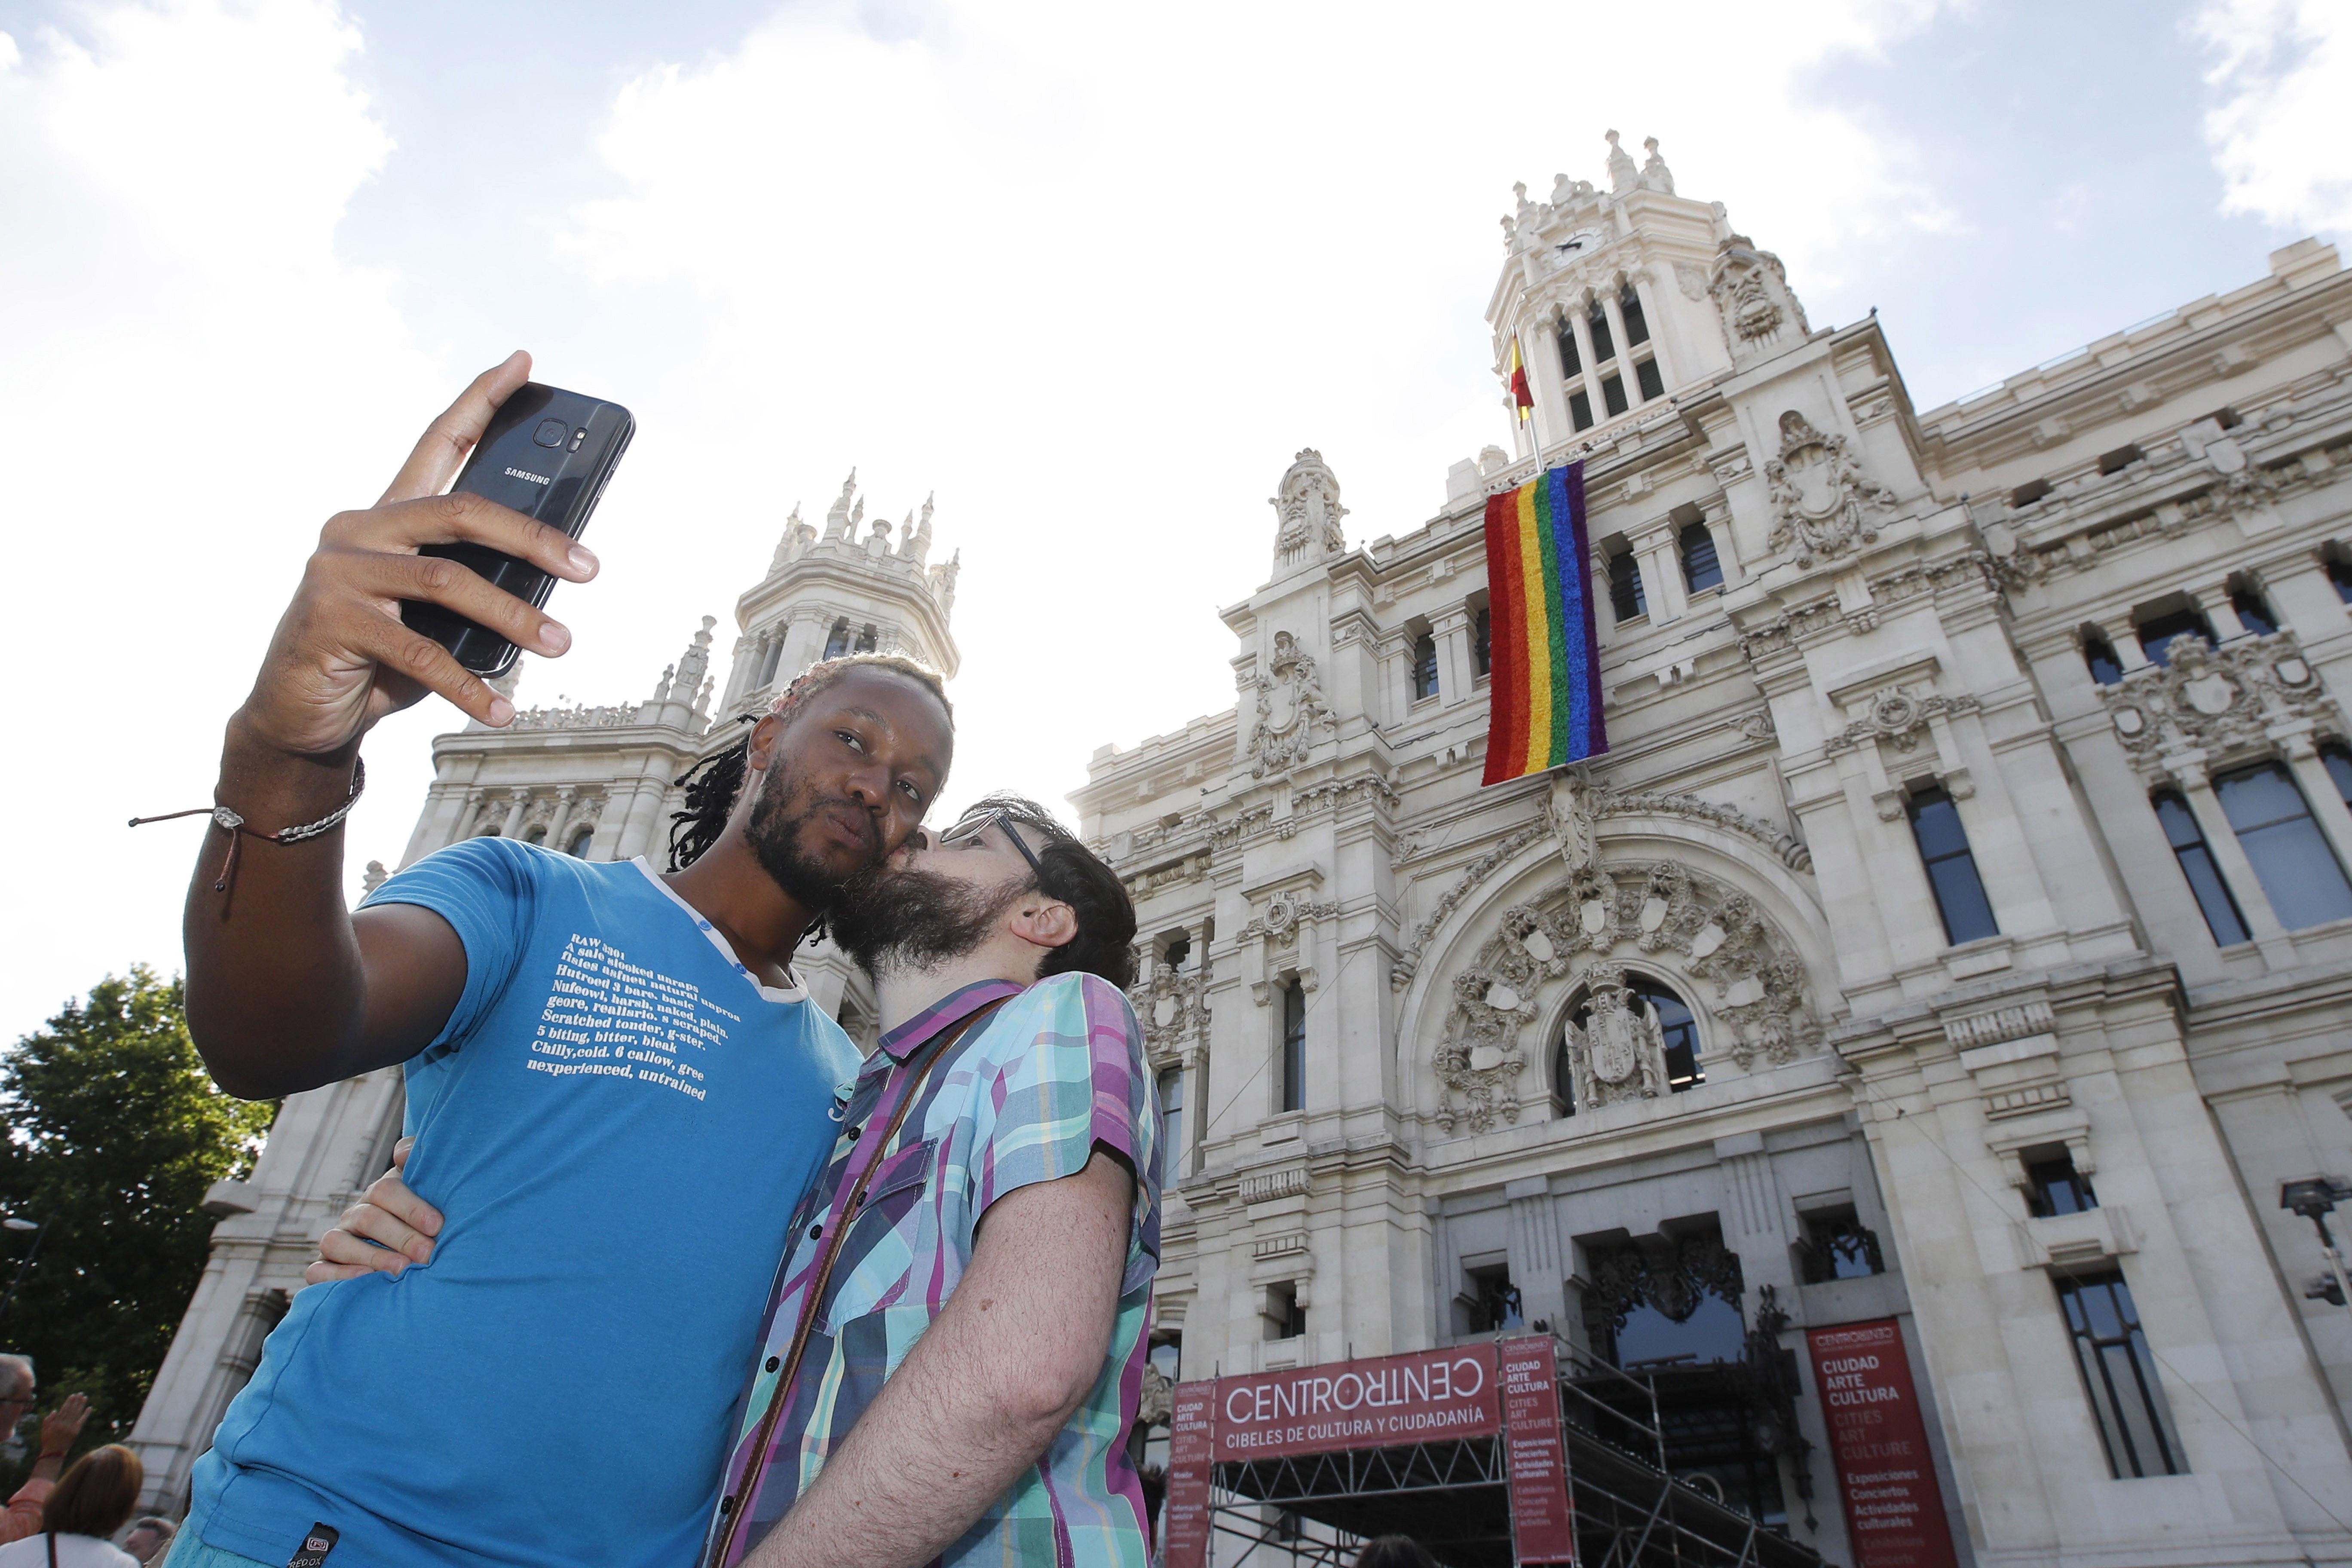 Una parella es fotografia al costat de la façana de l'Ajuntament de Madrid. /JUAN CARLOS HIDALGO